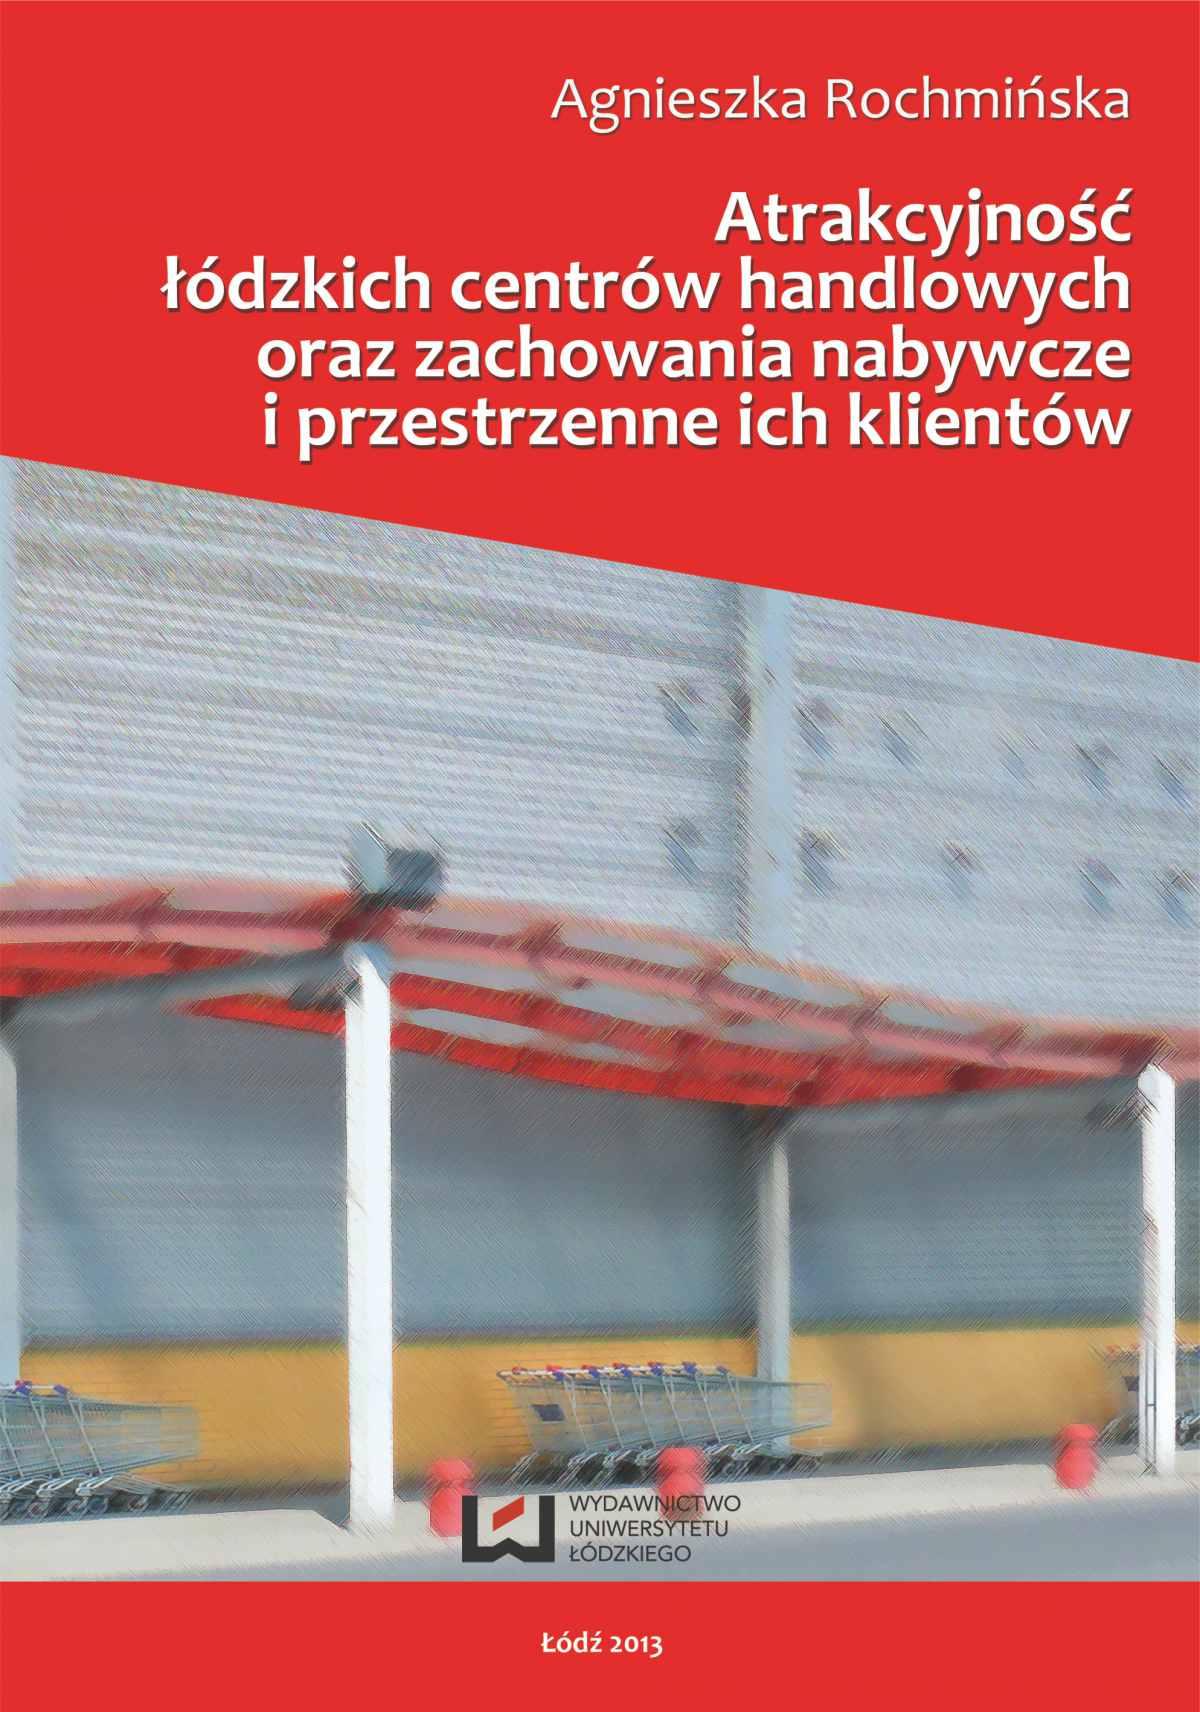 Atrakcyjność łódzkich centrów handlowych oraz zachowania nabywcze i przestrzenne ich klientów - Ebook (Książka PDF) do pobrania w formacie PDF